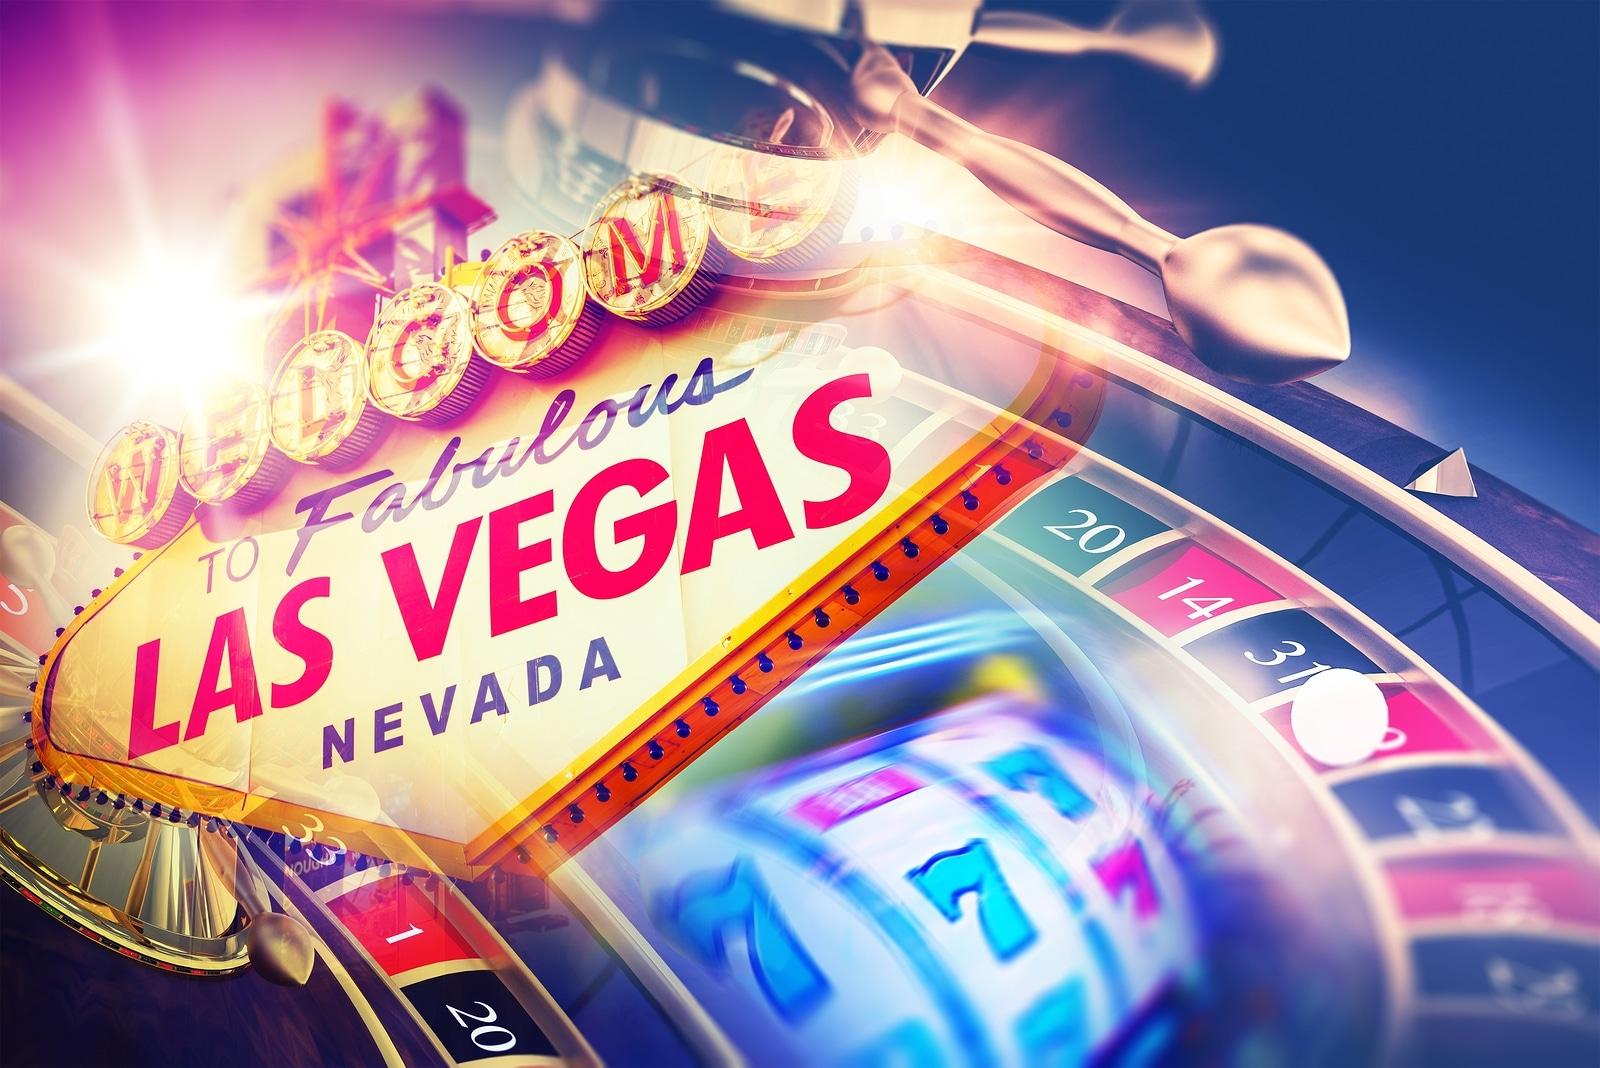 Espectáculos familiares imperdibles en Las Vegas este verano con Starpoint Resort Group